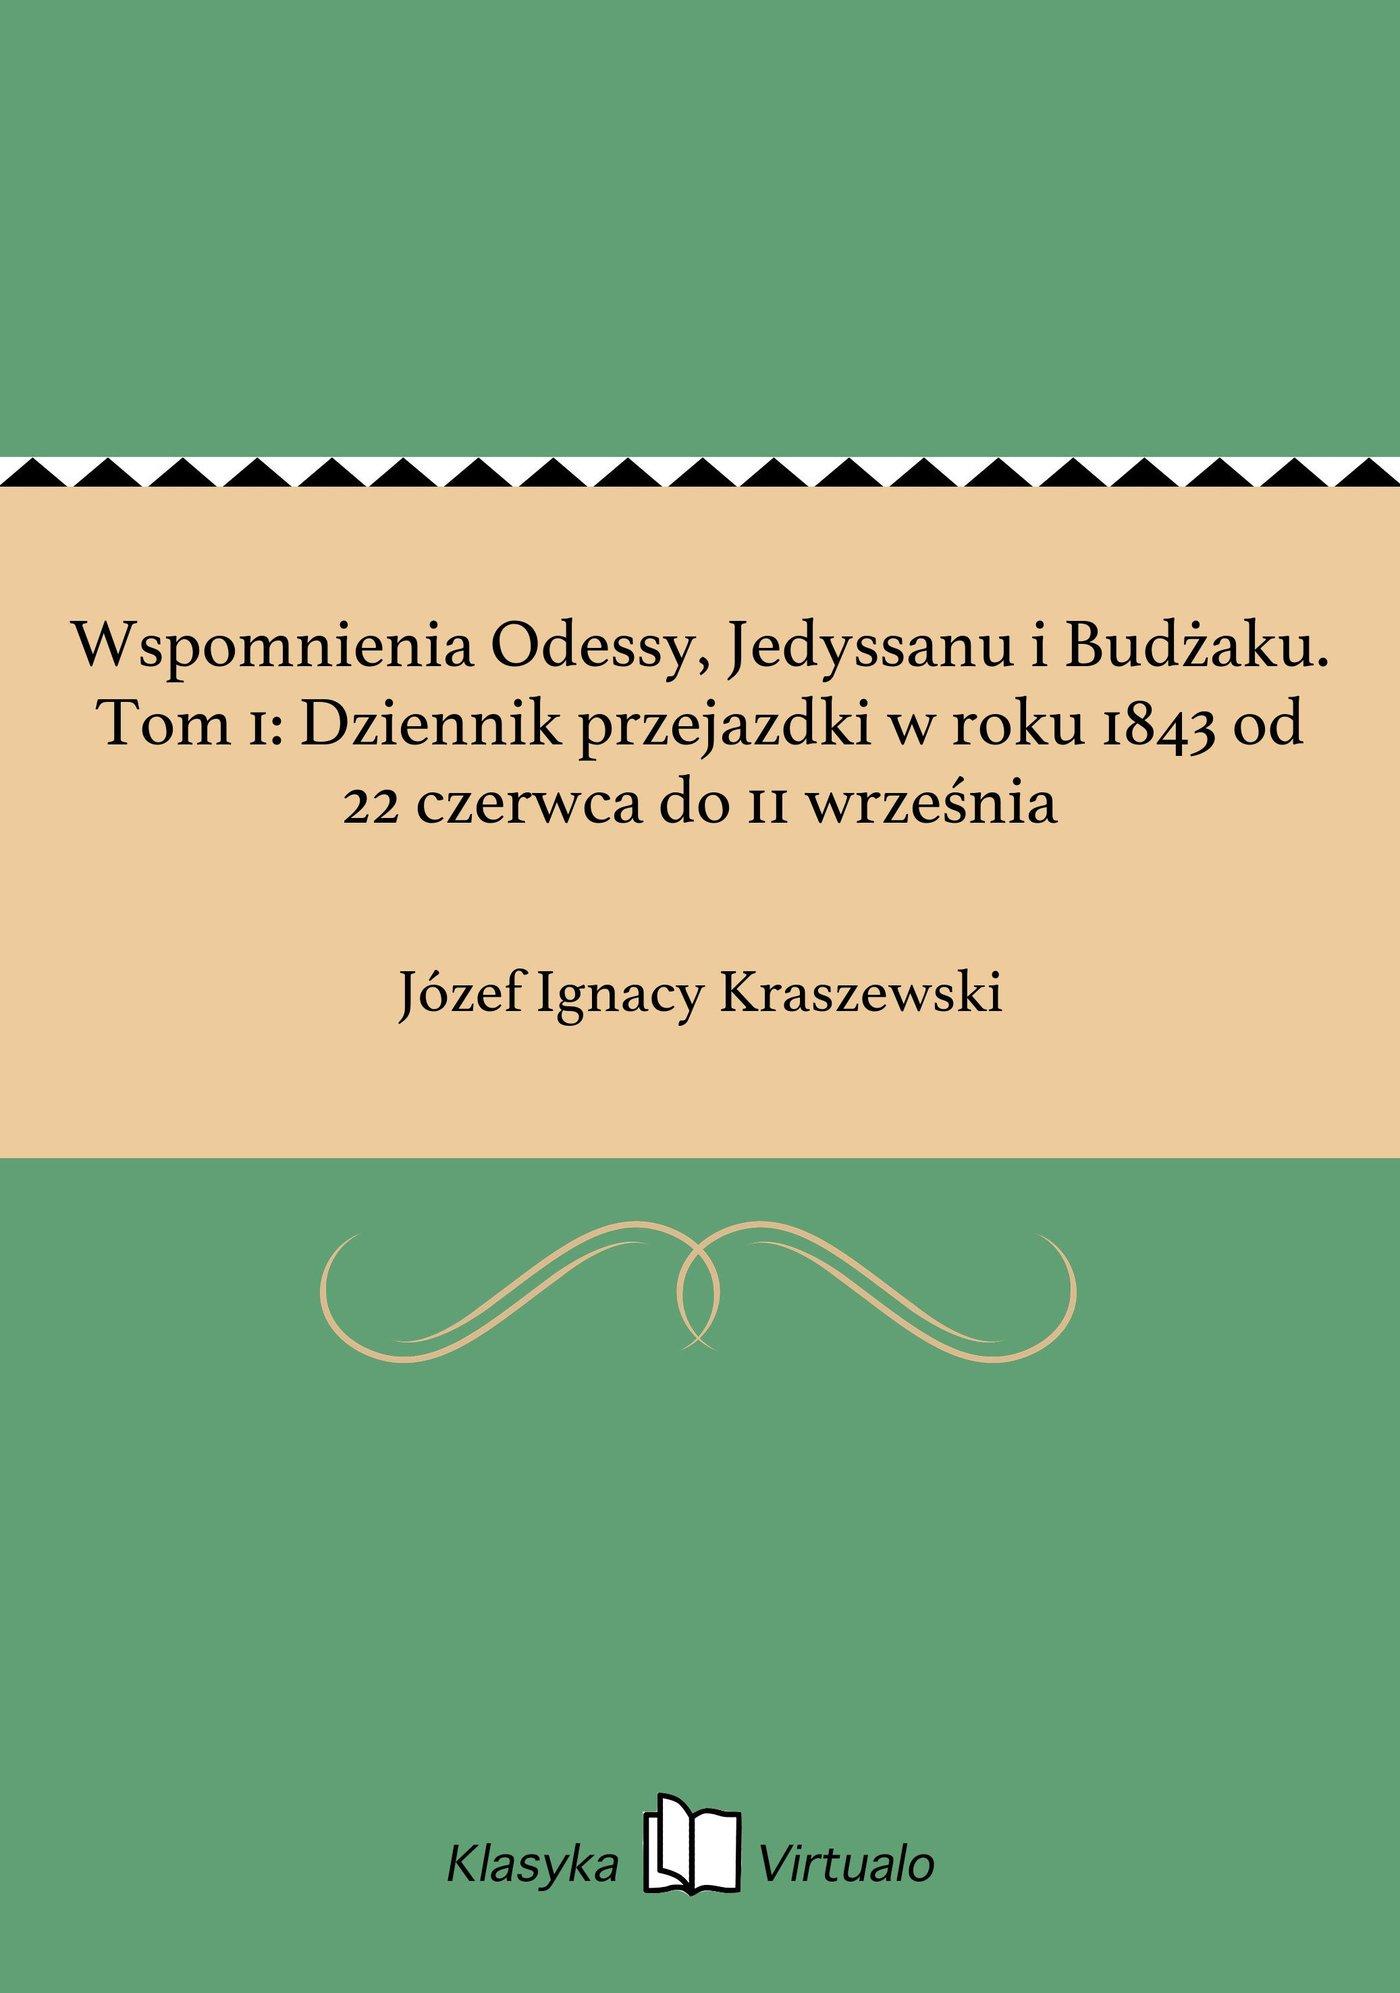 Wspomnienia Odessy, Jedyssanu i Budżaku. Tom 1: Dziennik przejazdki w roku 1843 od 22 czerwca do 11 września - Ebook (Książka na Kindle) do pobrania w formacie MOBI